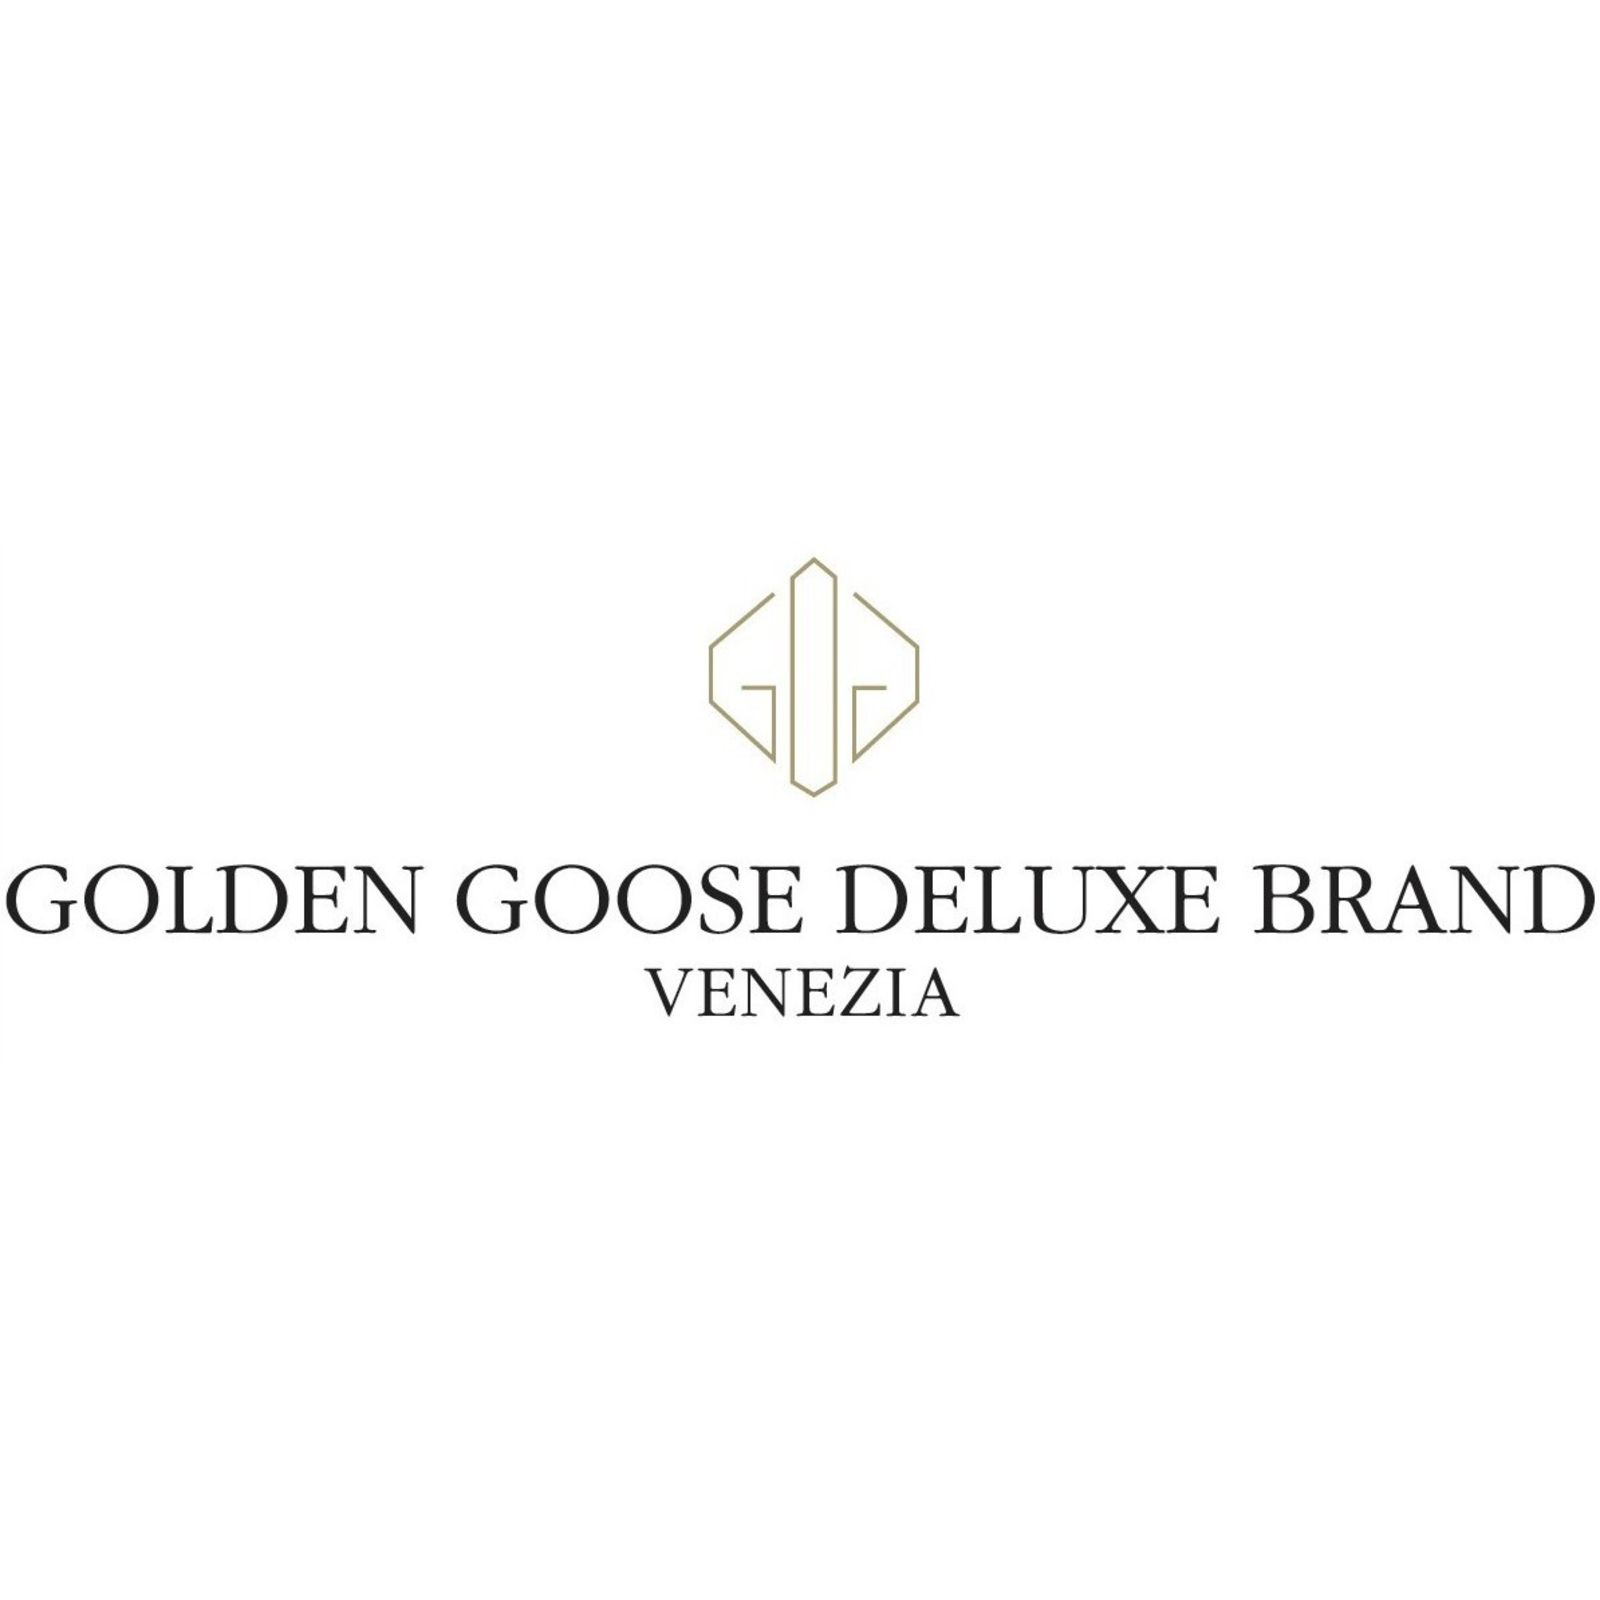 GOLDEN GOOSE DELUXE BRAND® (Image 1)